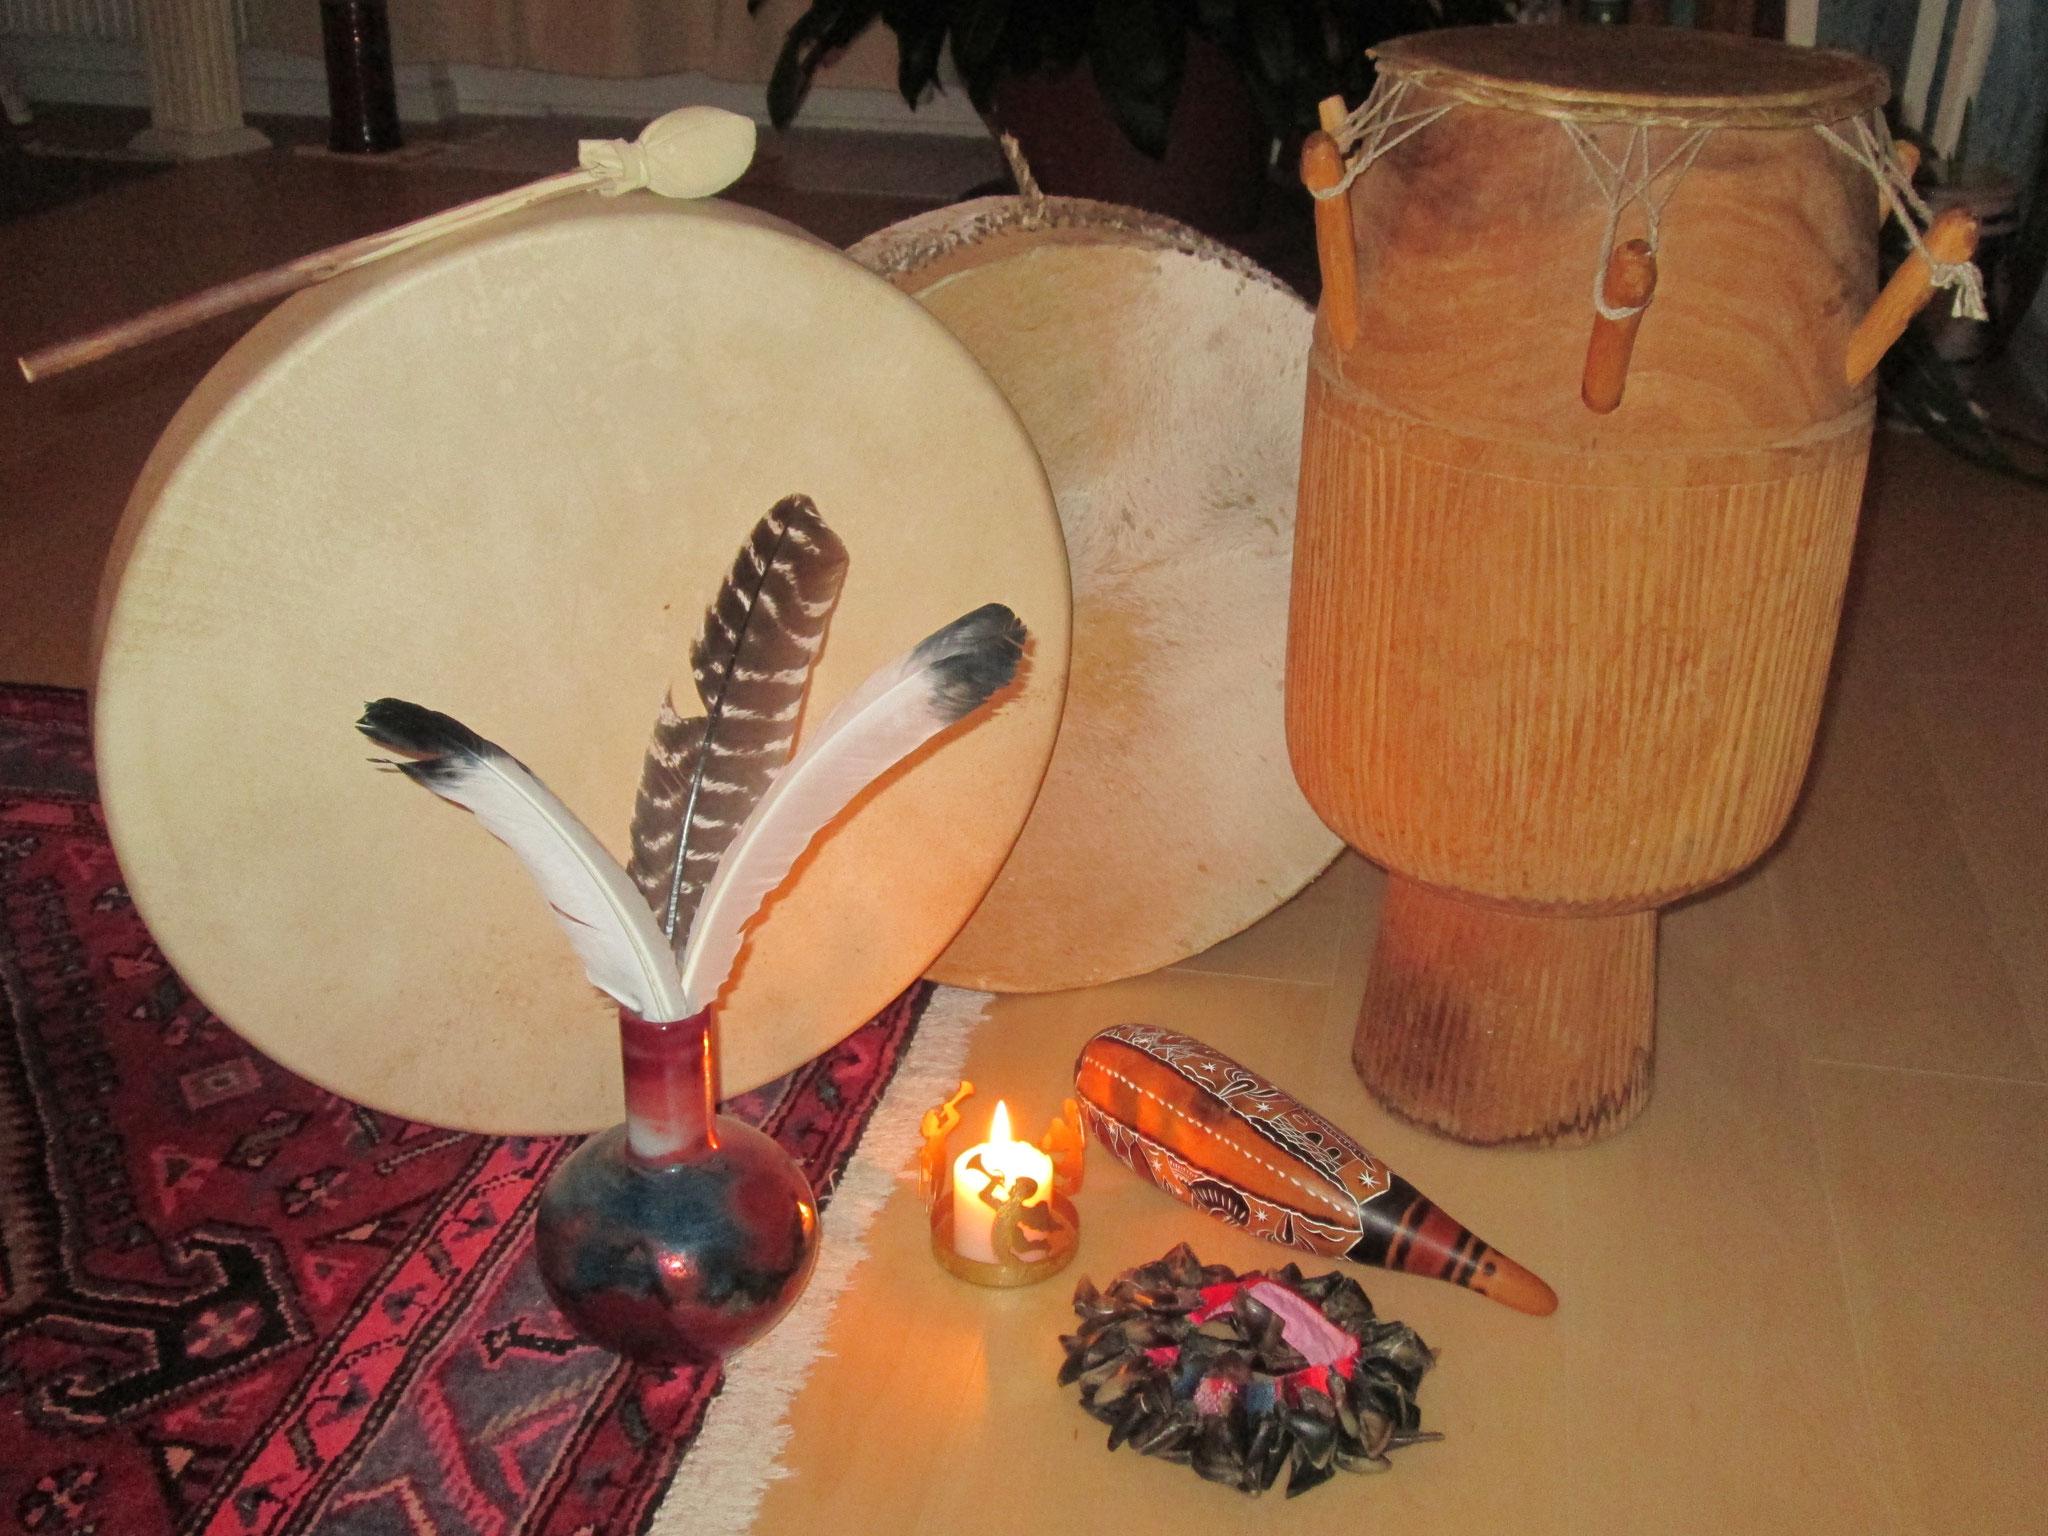 Schamanen-Trommeln, Tschembe